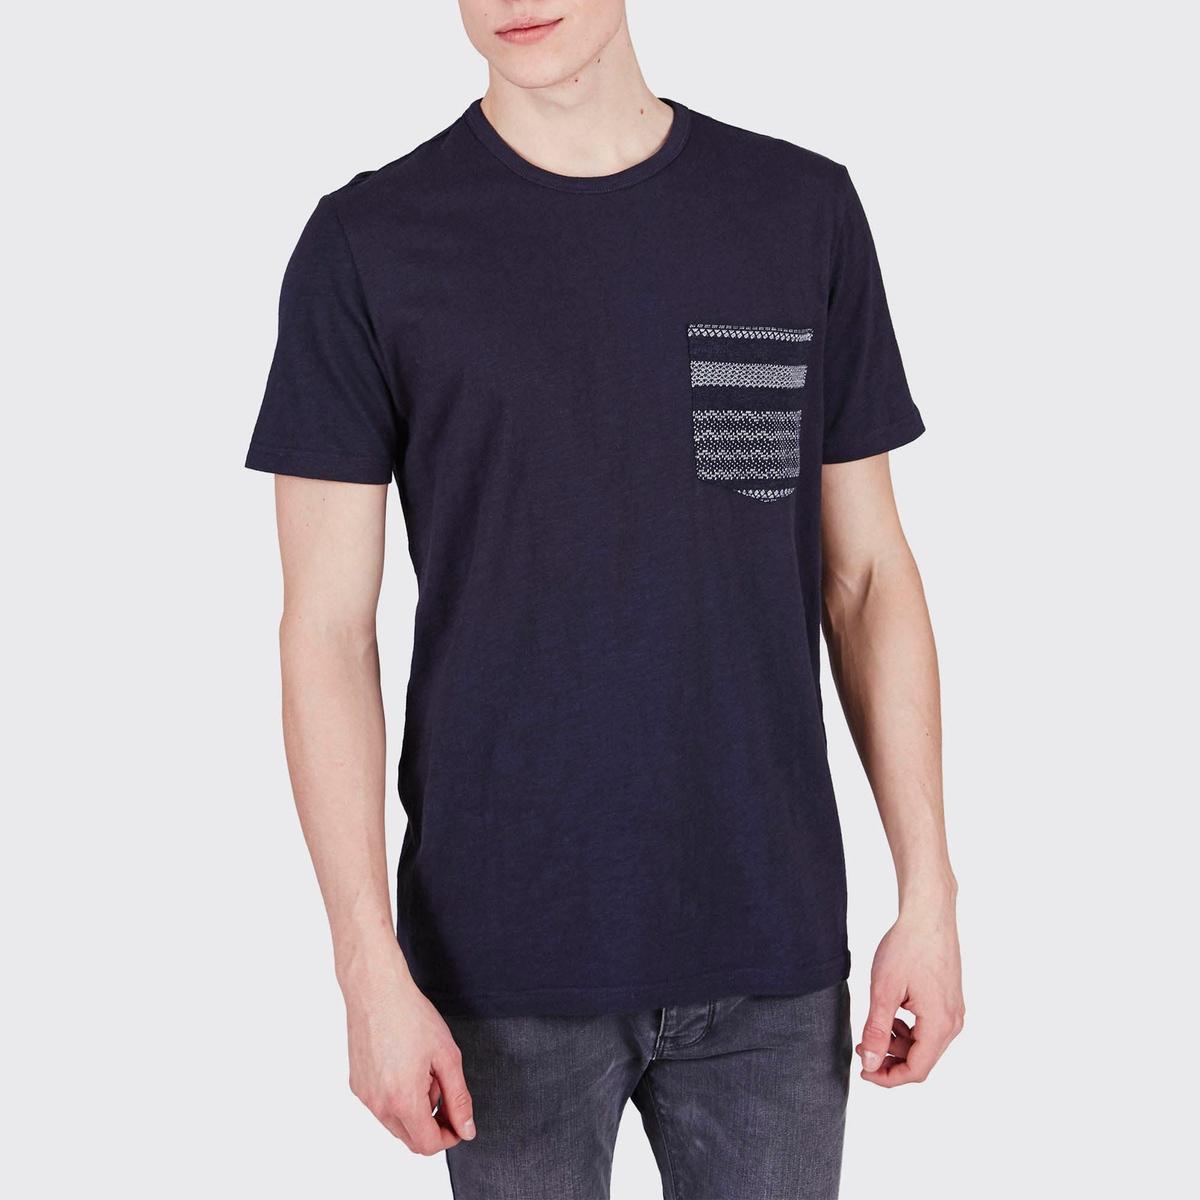 Футболка с карманом KintaraОднотонная футболка с короткими рукавами KINTARA - MINIMUM. Прямой покрой, круглый вырез. 1 нагрудный карман с рисунком.Состав и описание :Материал : 100% хлопка.Марка : MINIMUM<br><br>Цвет: темно-синий<br>Размер: L